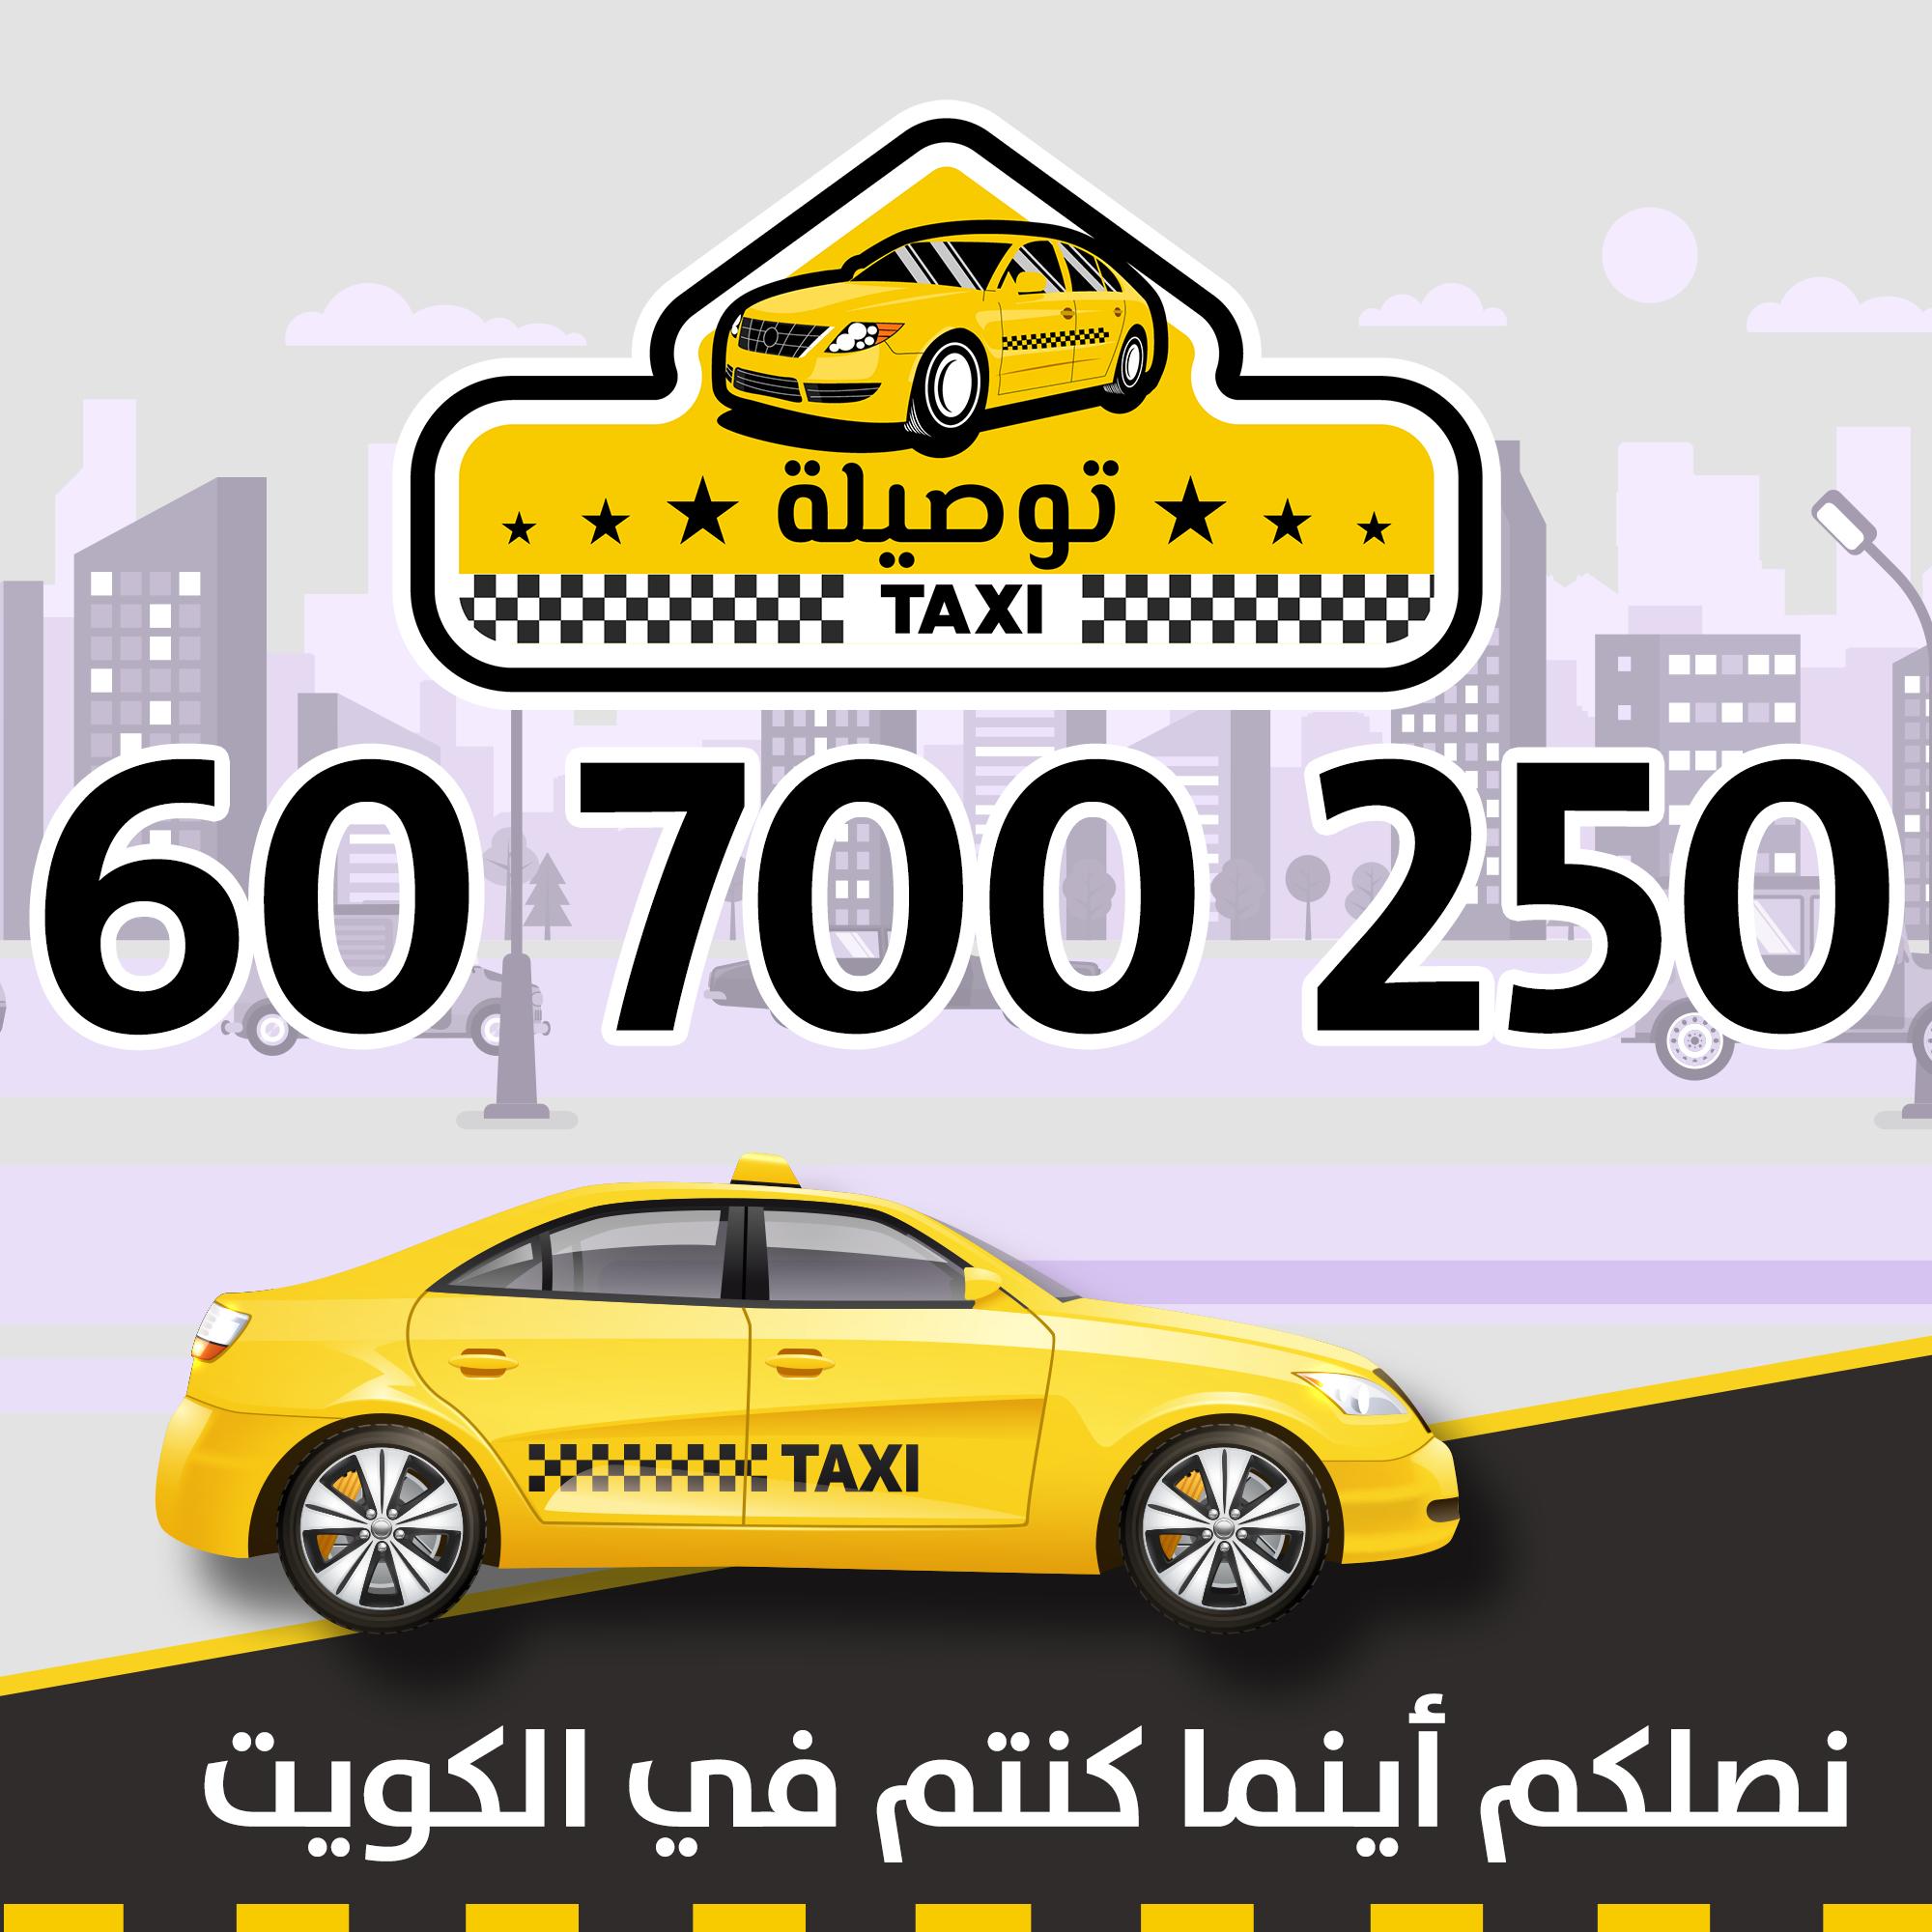 تاكسي توصيلة في شارع المسجد الأقصى